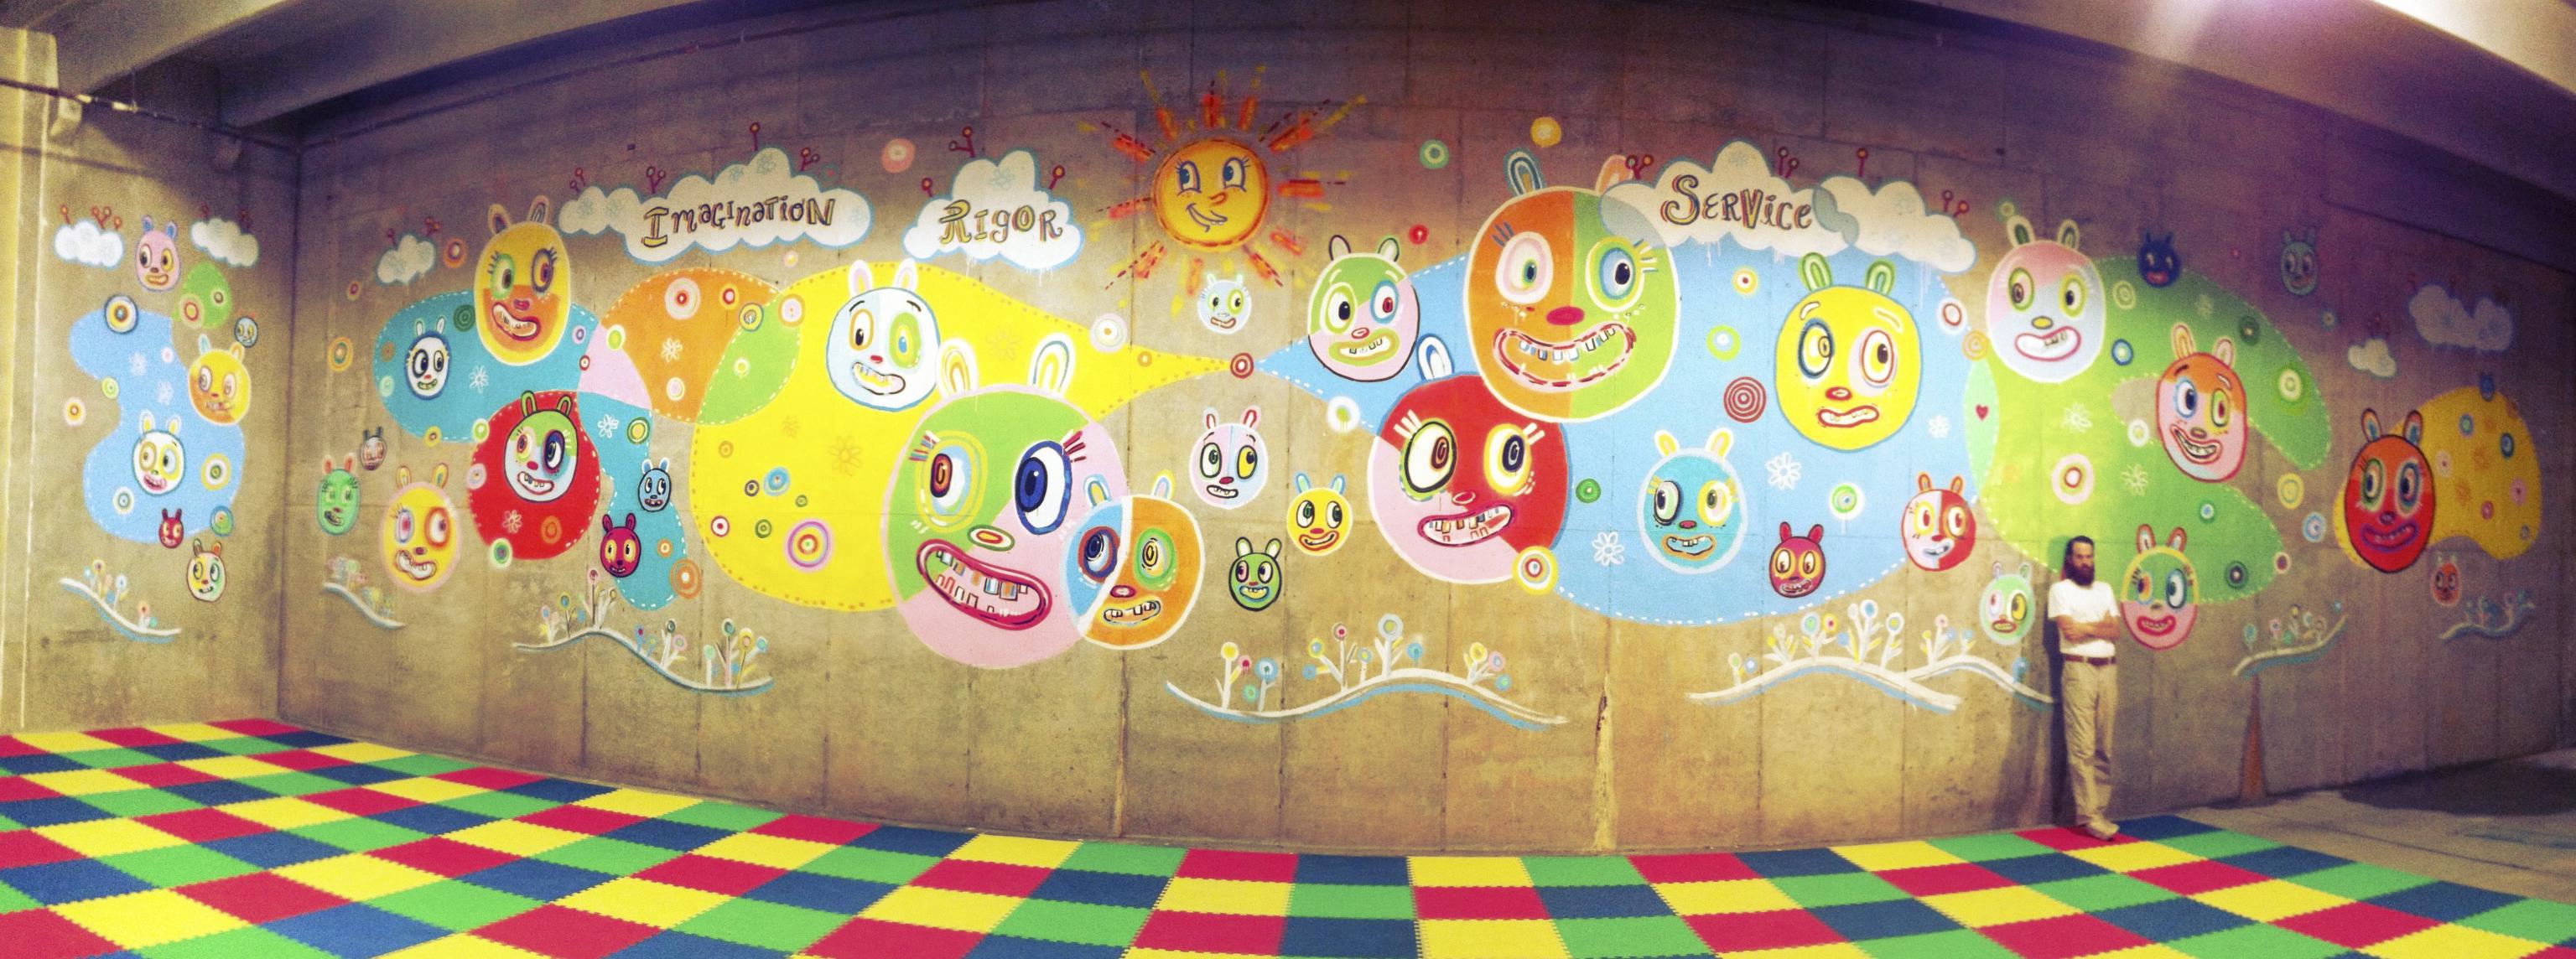 The bunker bears westside atlanta charter school mural for Atlanta mural artist